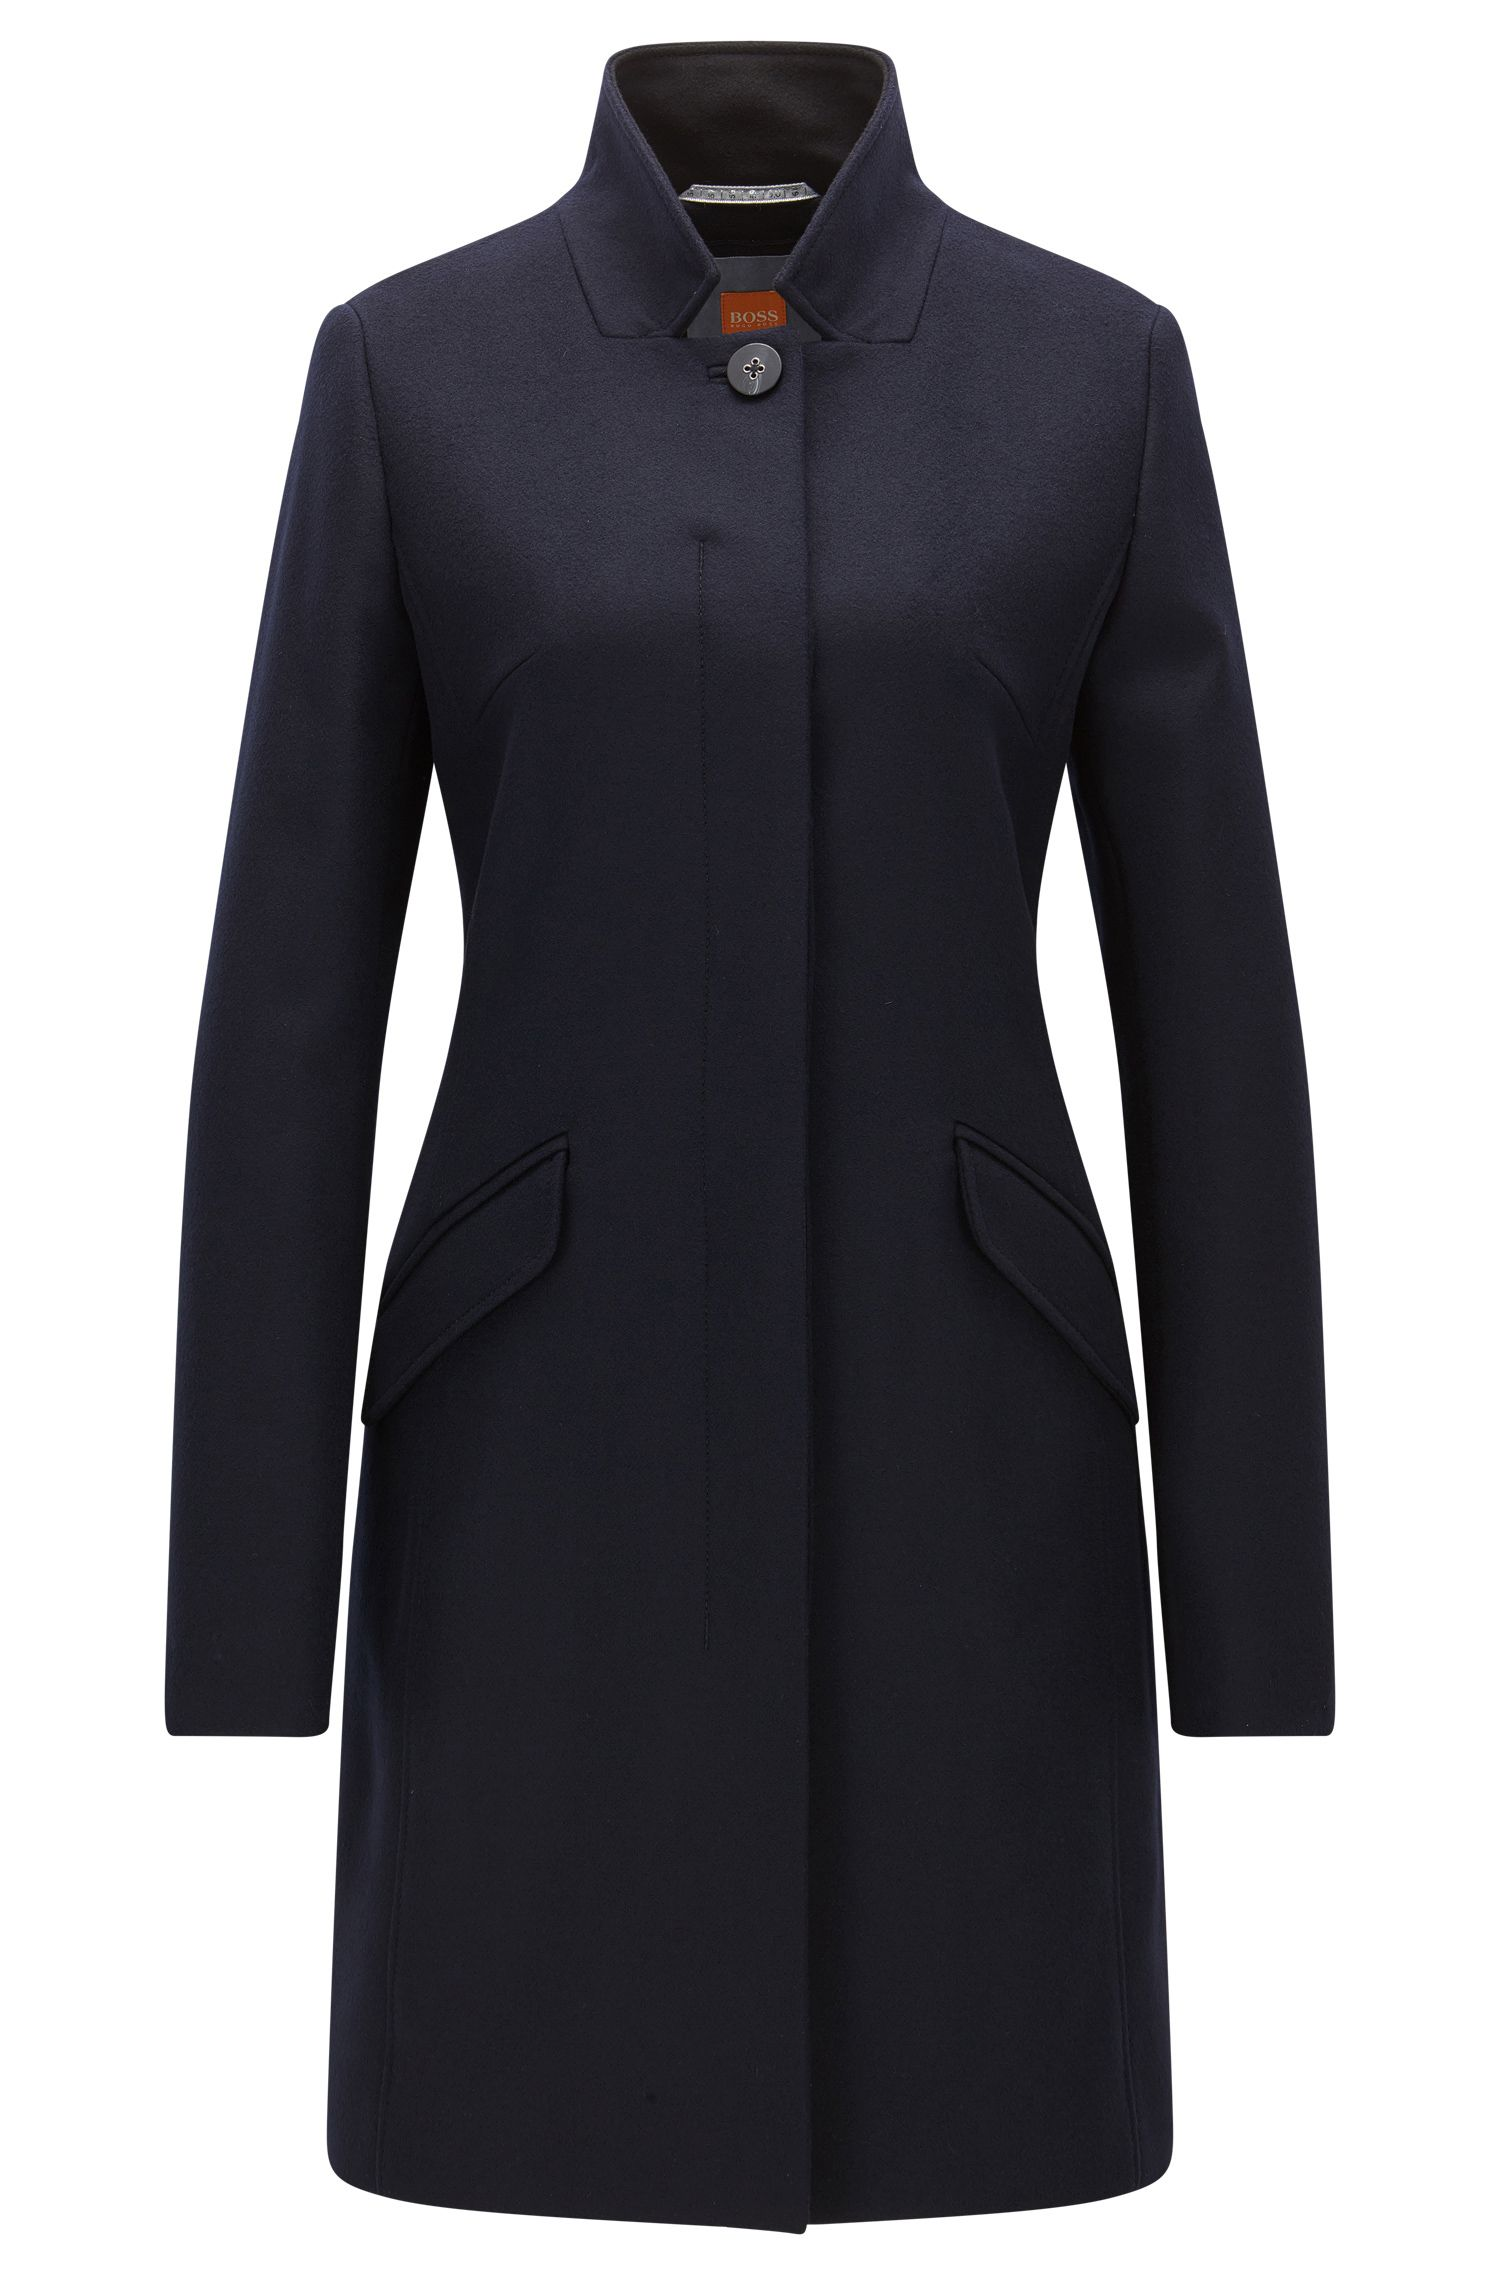 Manteau en laine mélangée de poids moyen à patte de boutonnage masquée